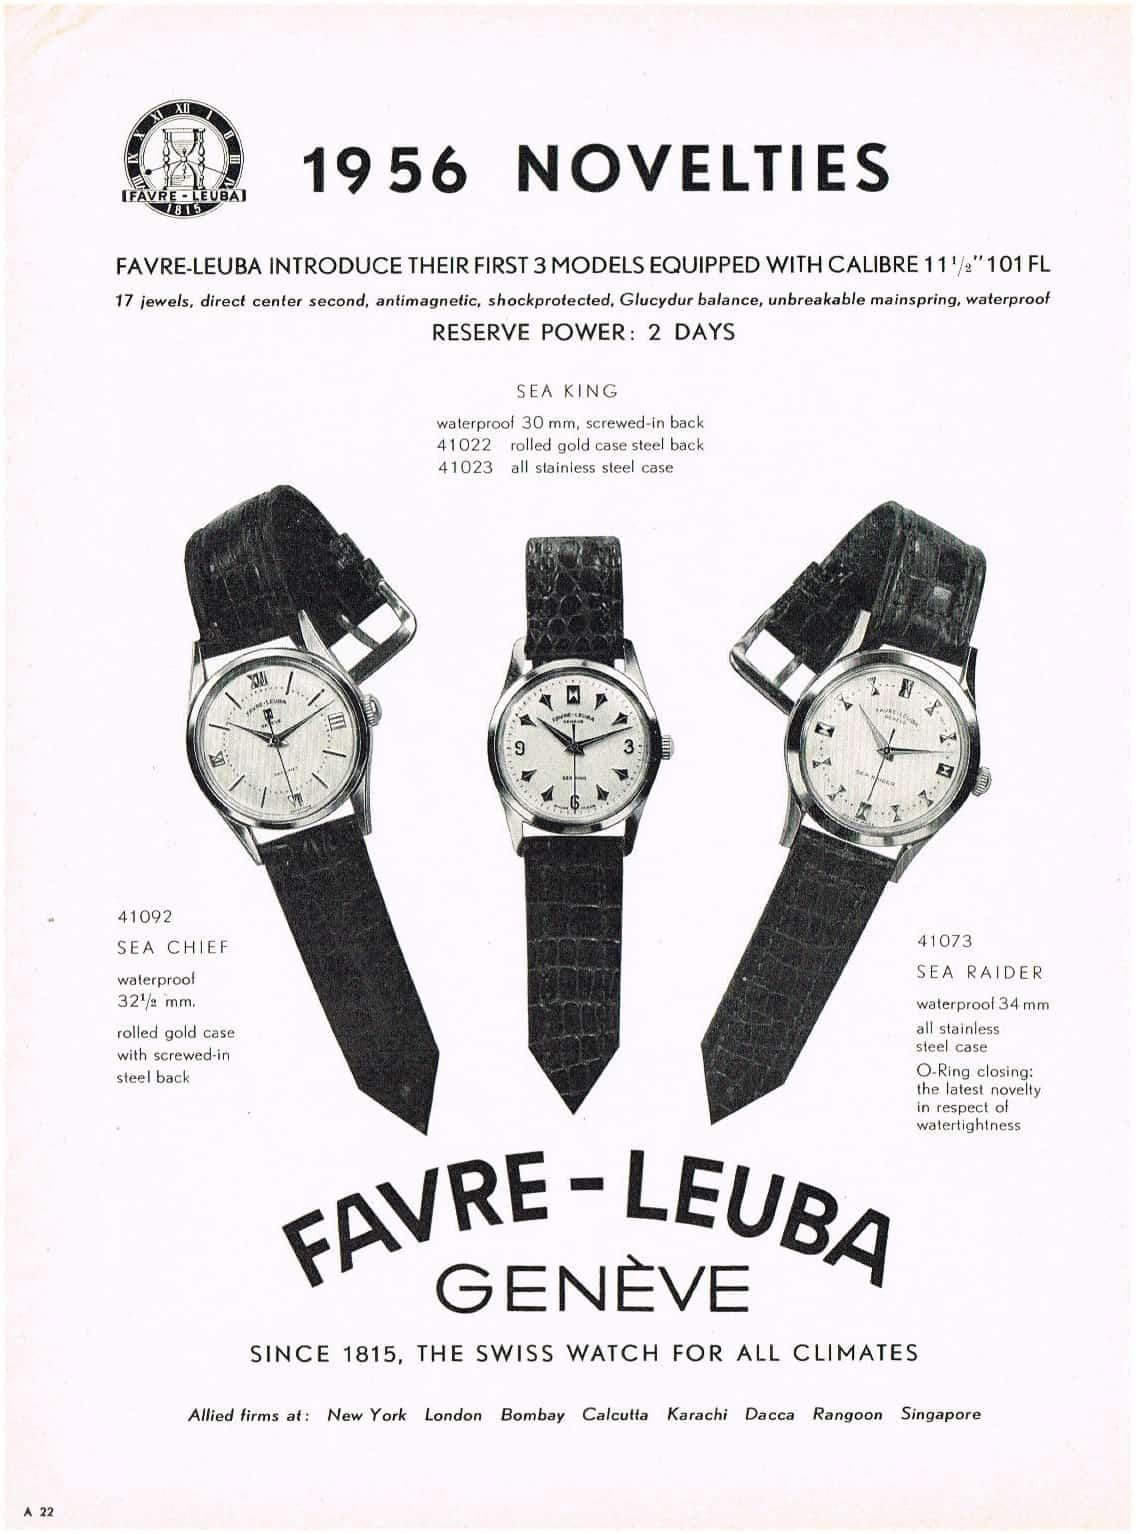 Favre-Leuba Anzeige 1956 für neue Modelle